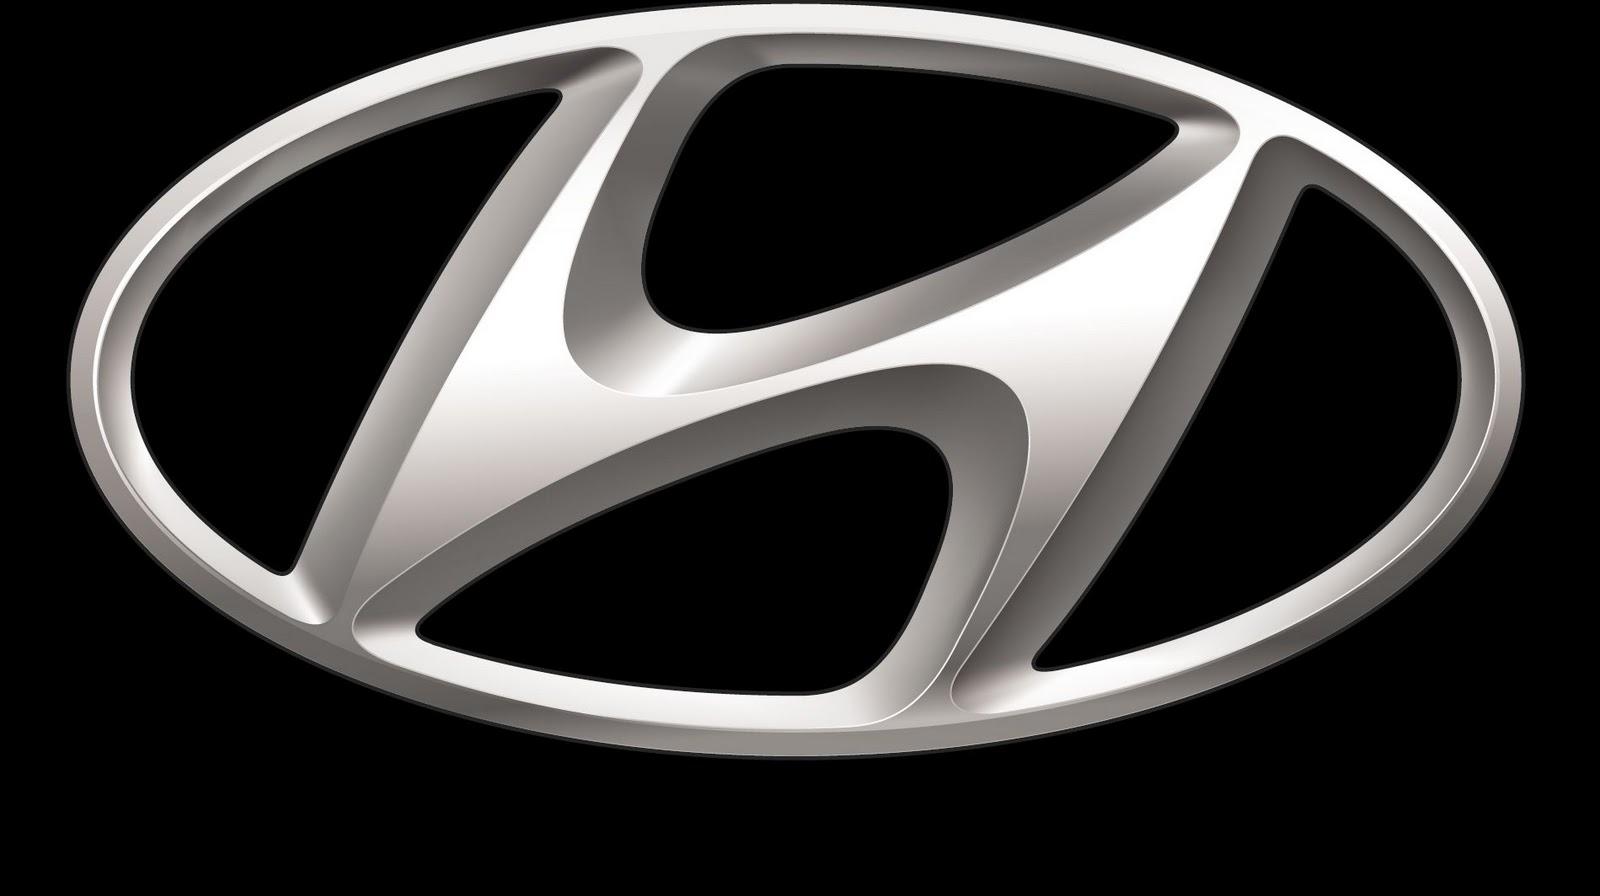 hyundai logo #343